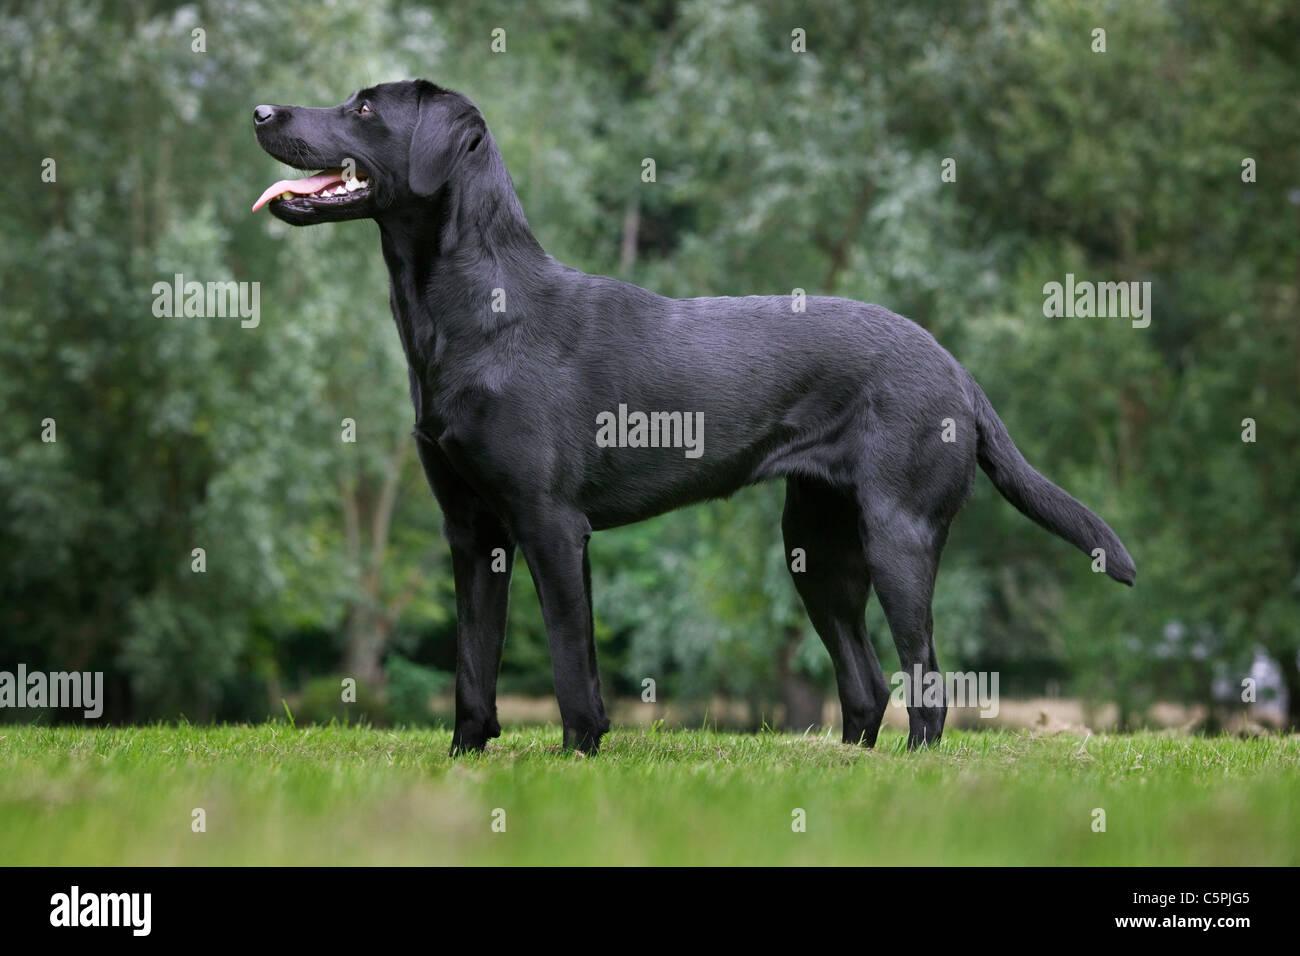 Black Labrador (Canis lupus familiaris) in garden - Stock Image